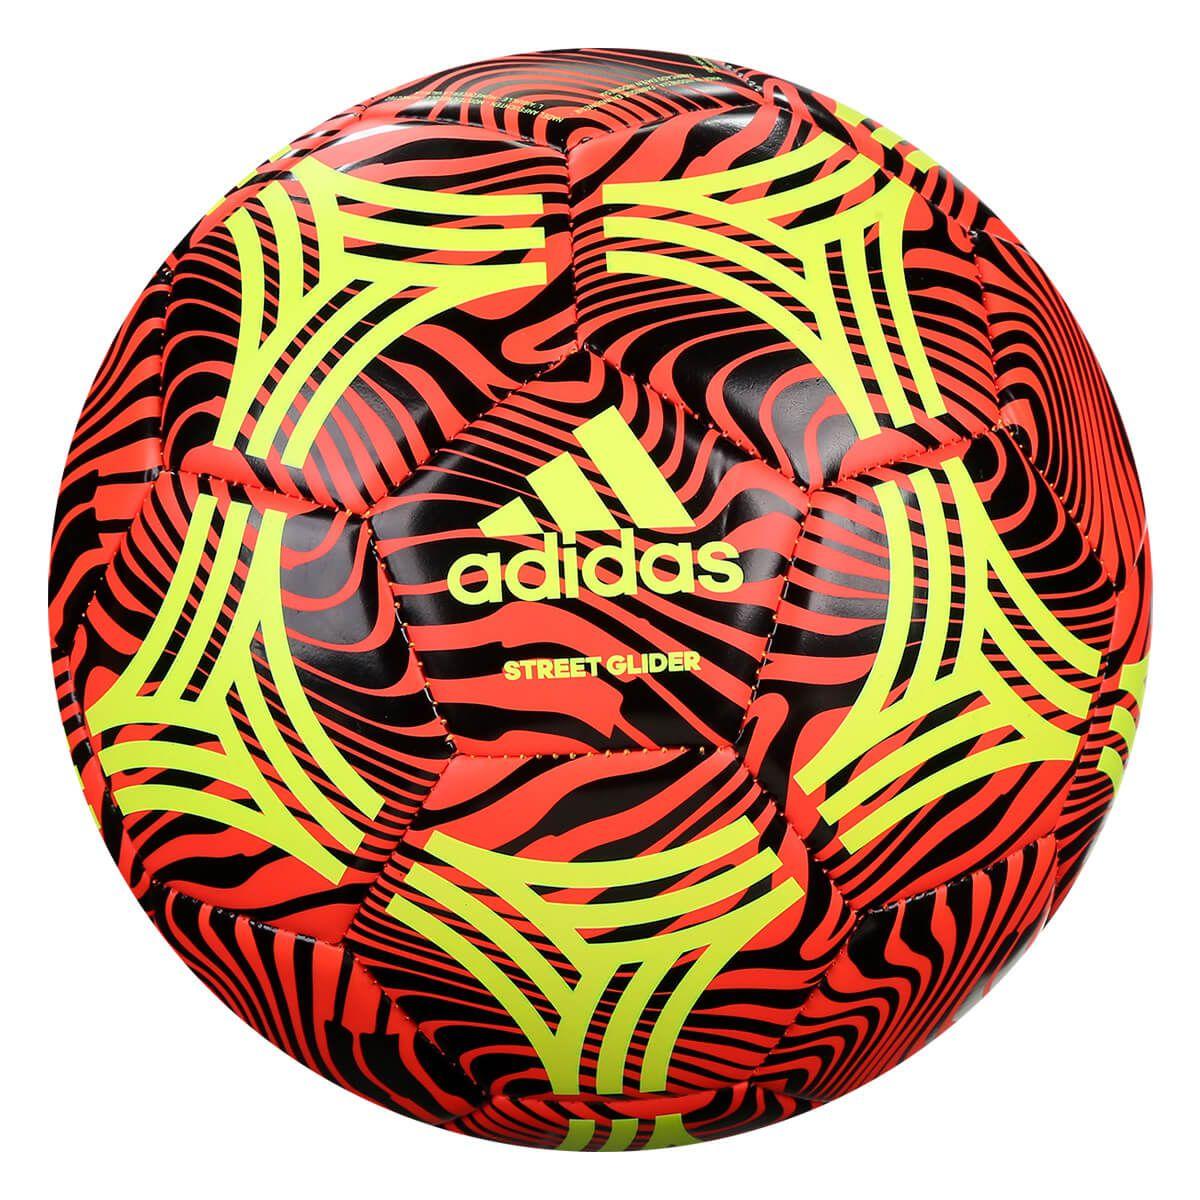 Bola de Futebol Campo Adidas Tango Street Glider - BRACIA SHOP  Loja ... ff8909f33950d